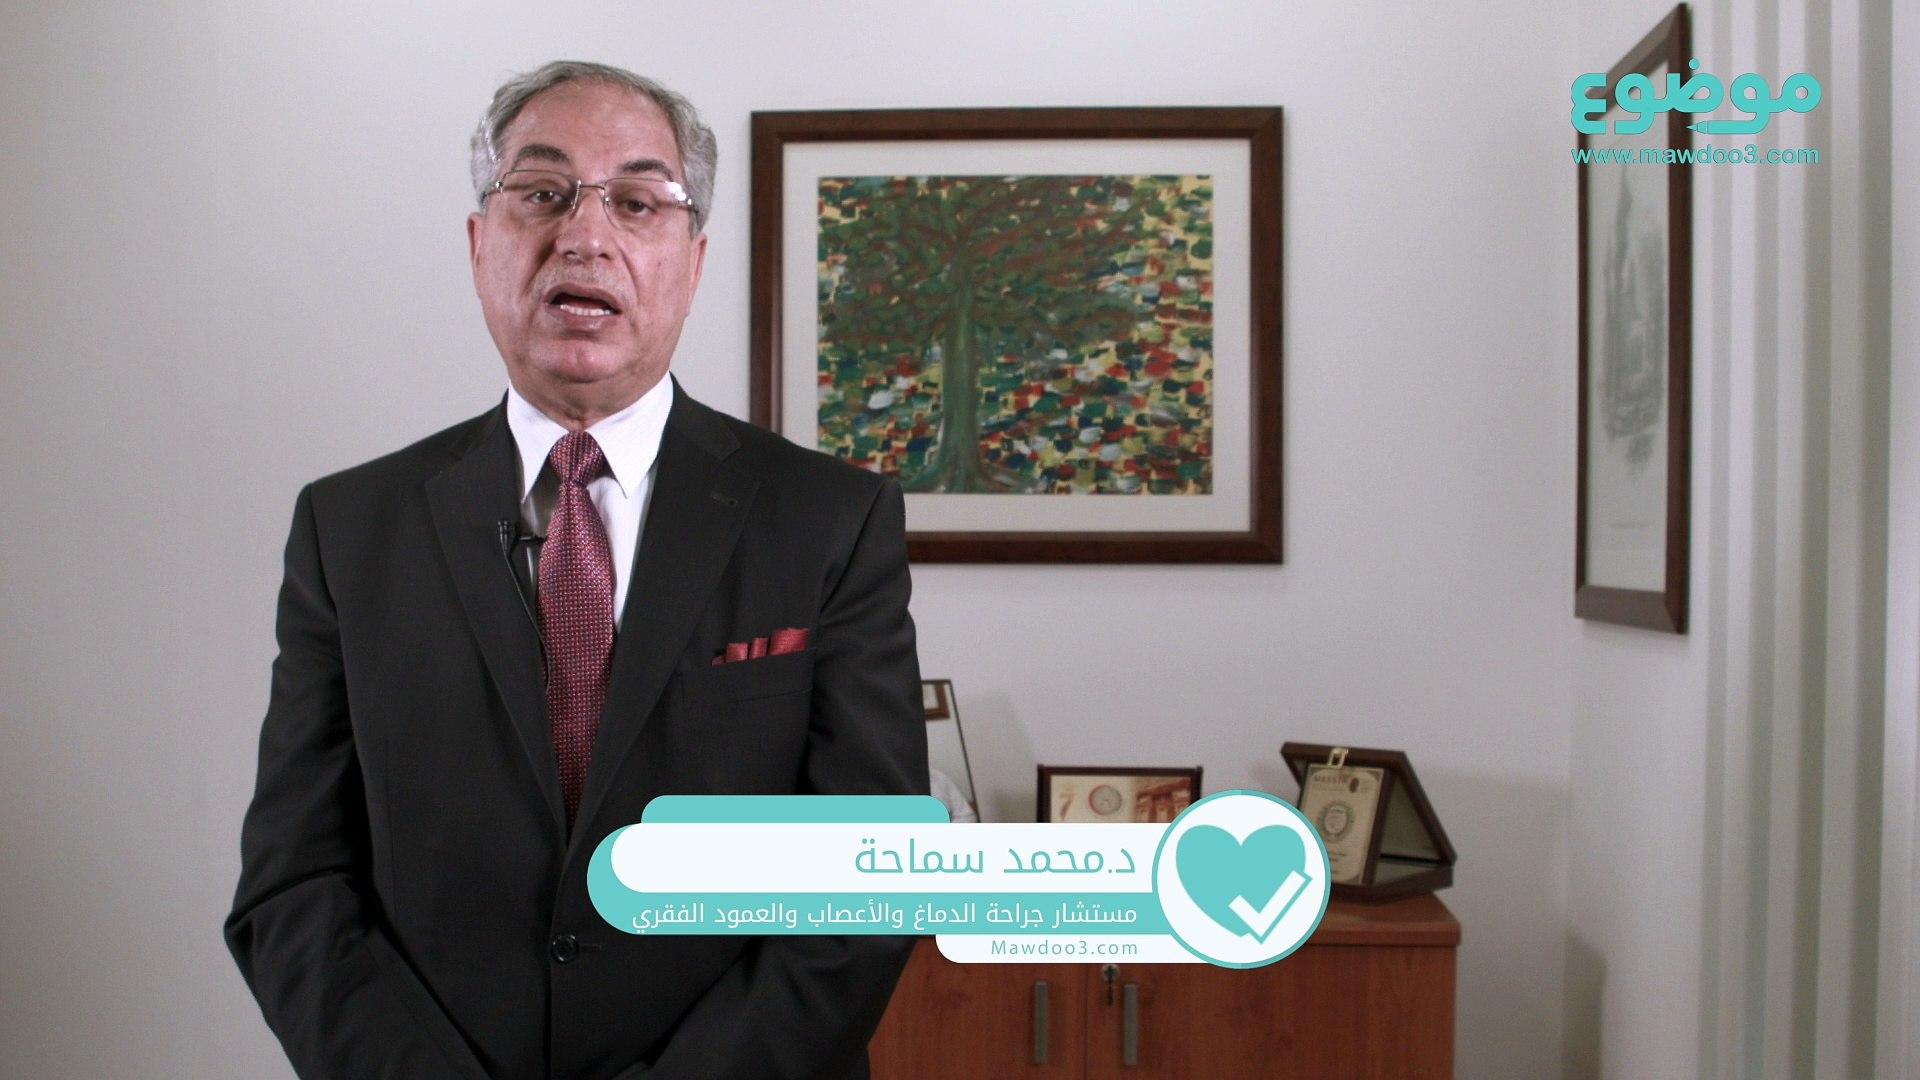 #موضوع: الجاما نايف لعلاج ورم الجسم الصنوبري